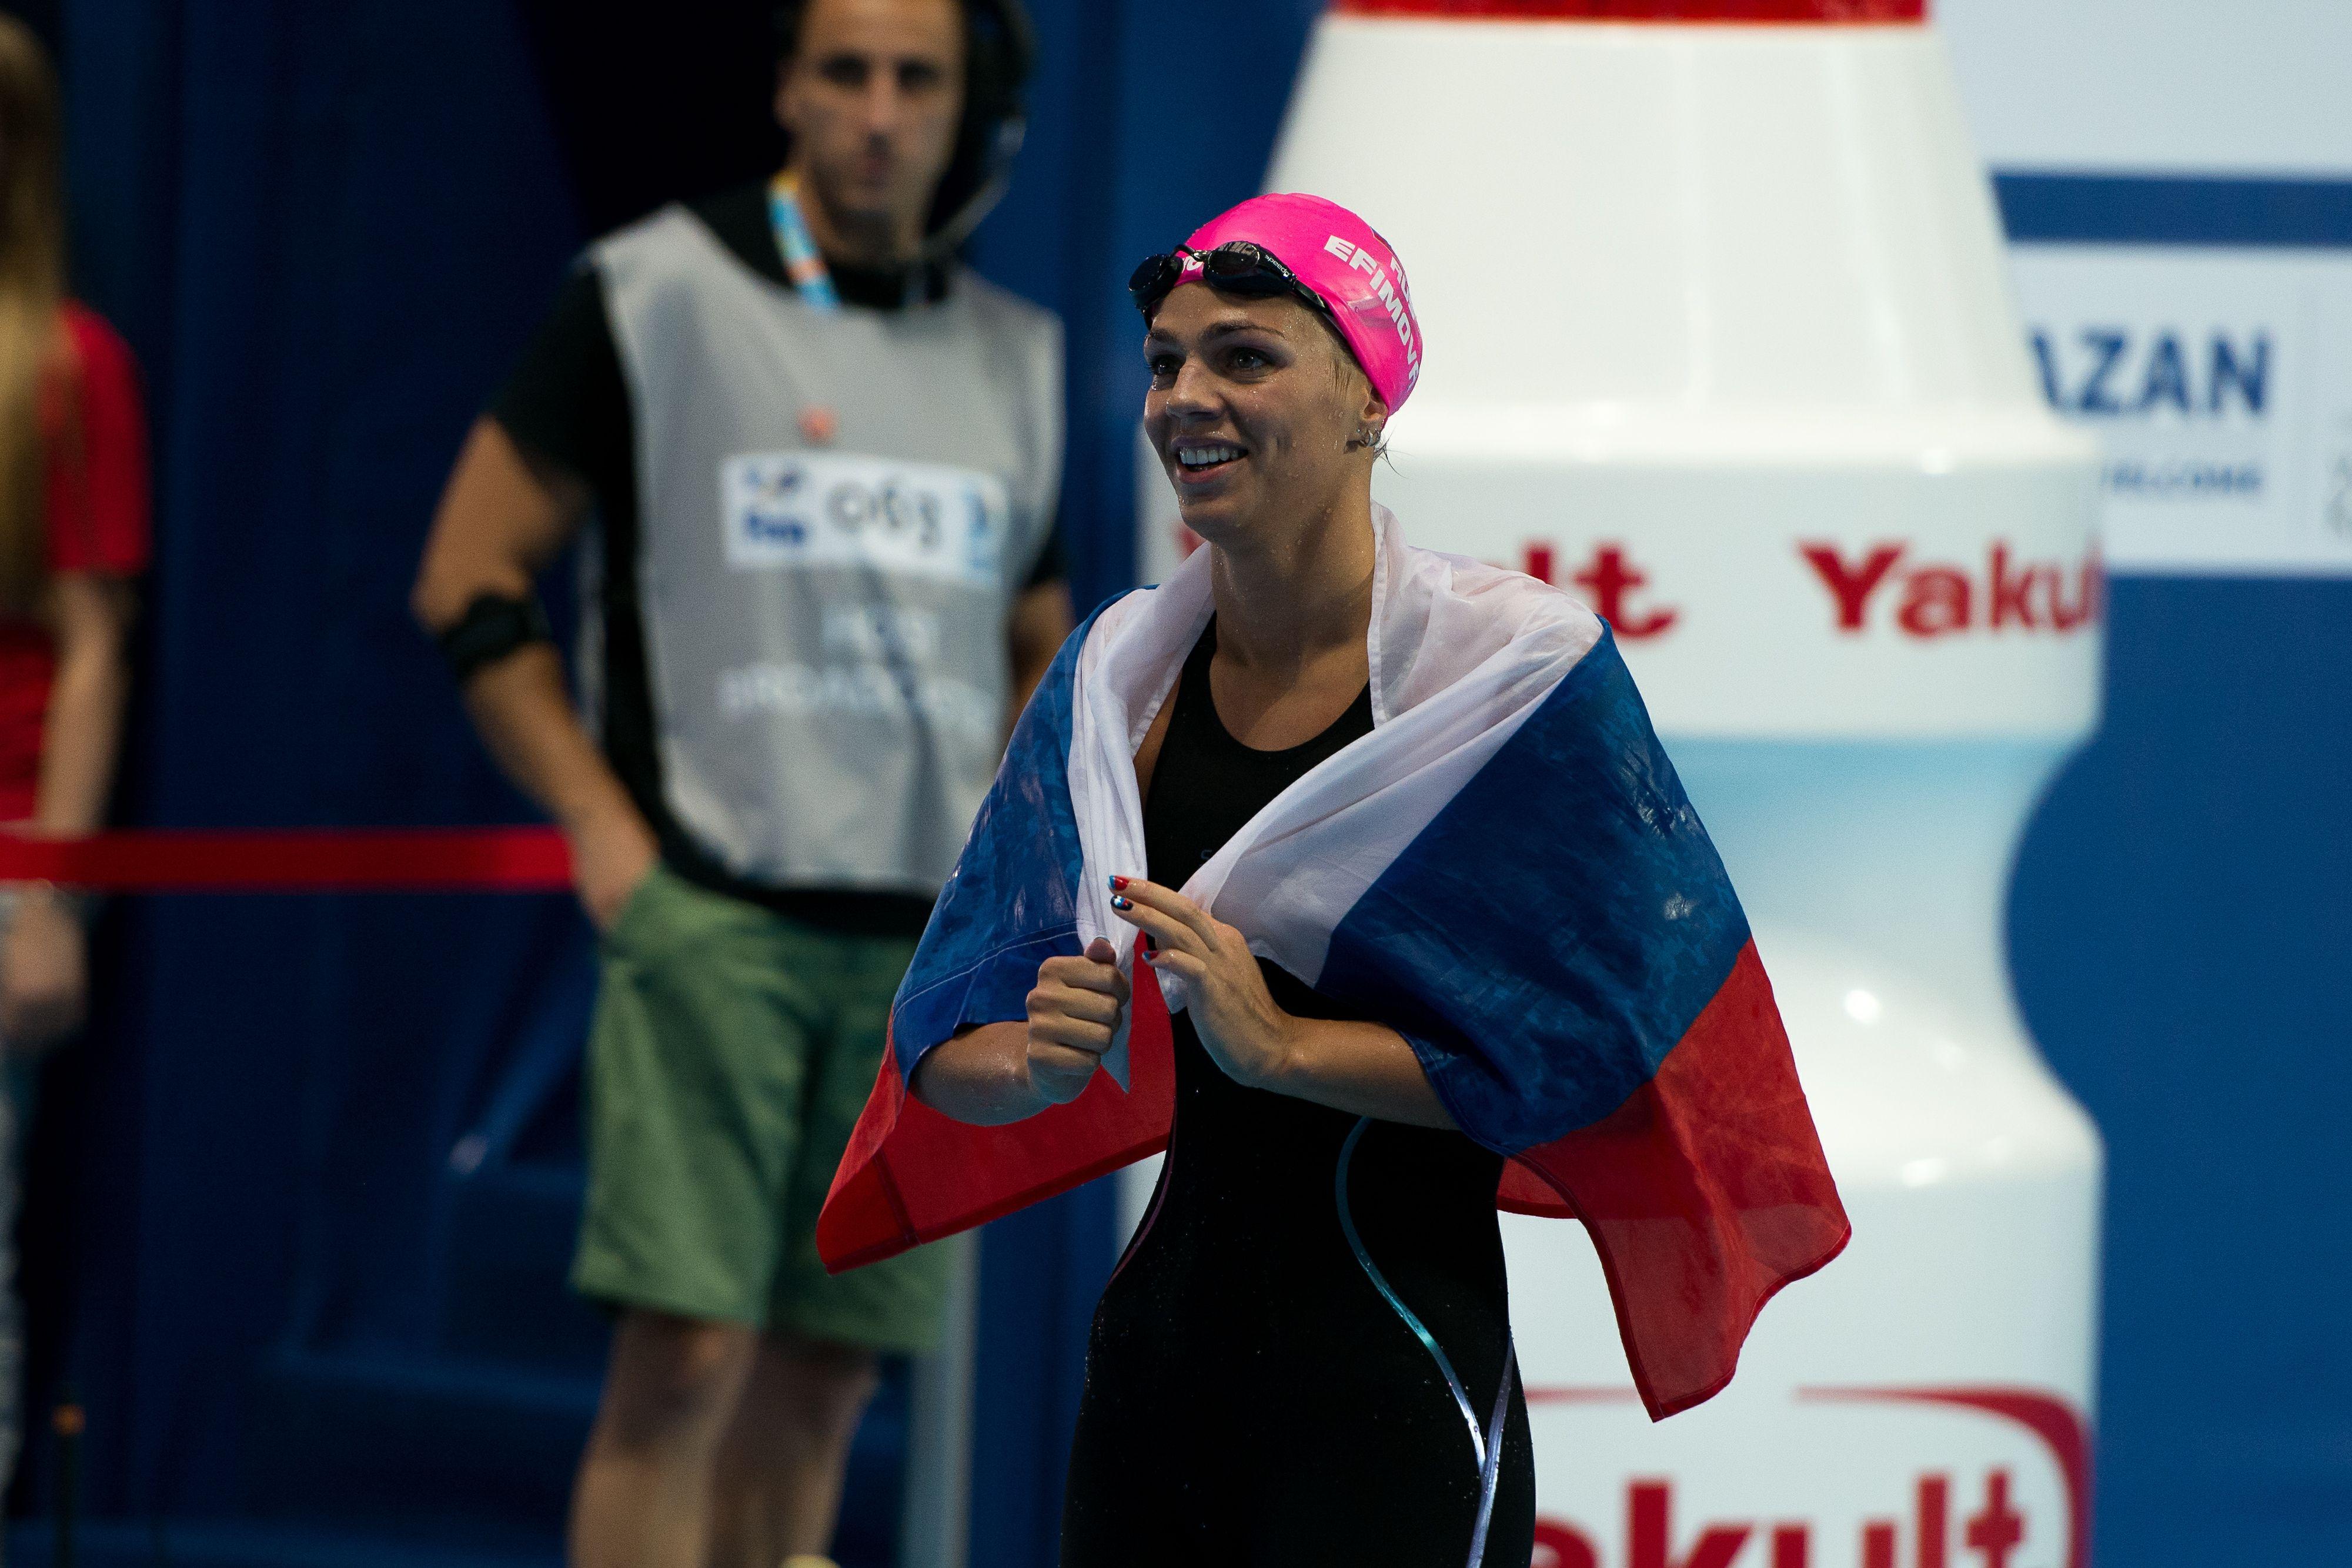 Ефимова: Губерниева тянет на красивых девушек